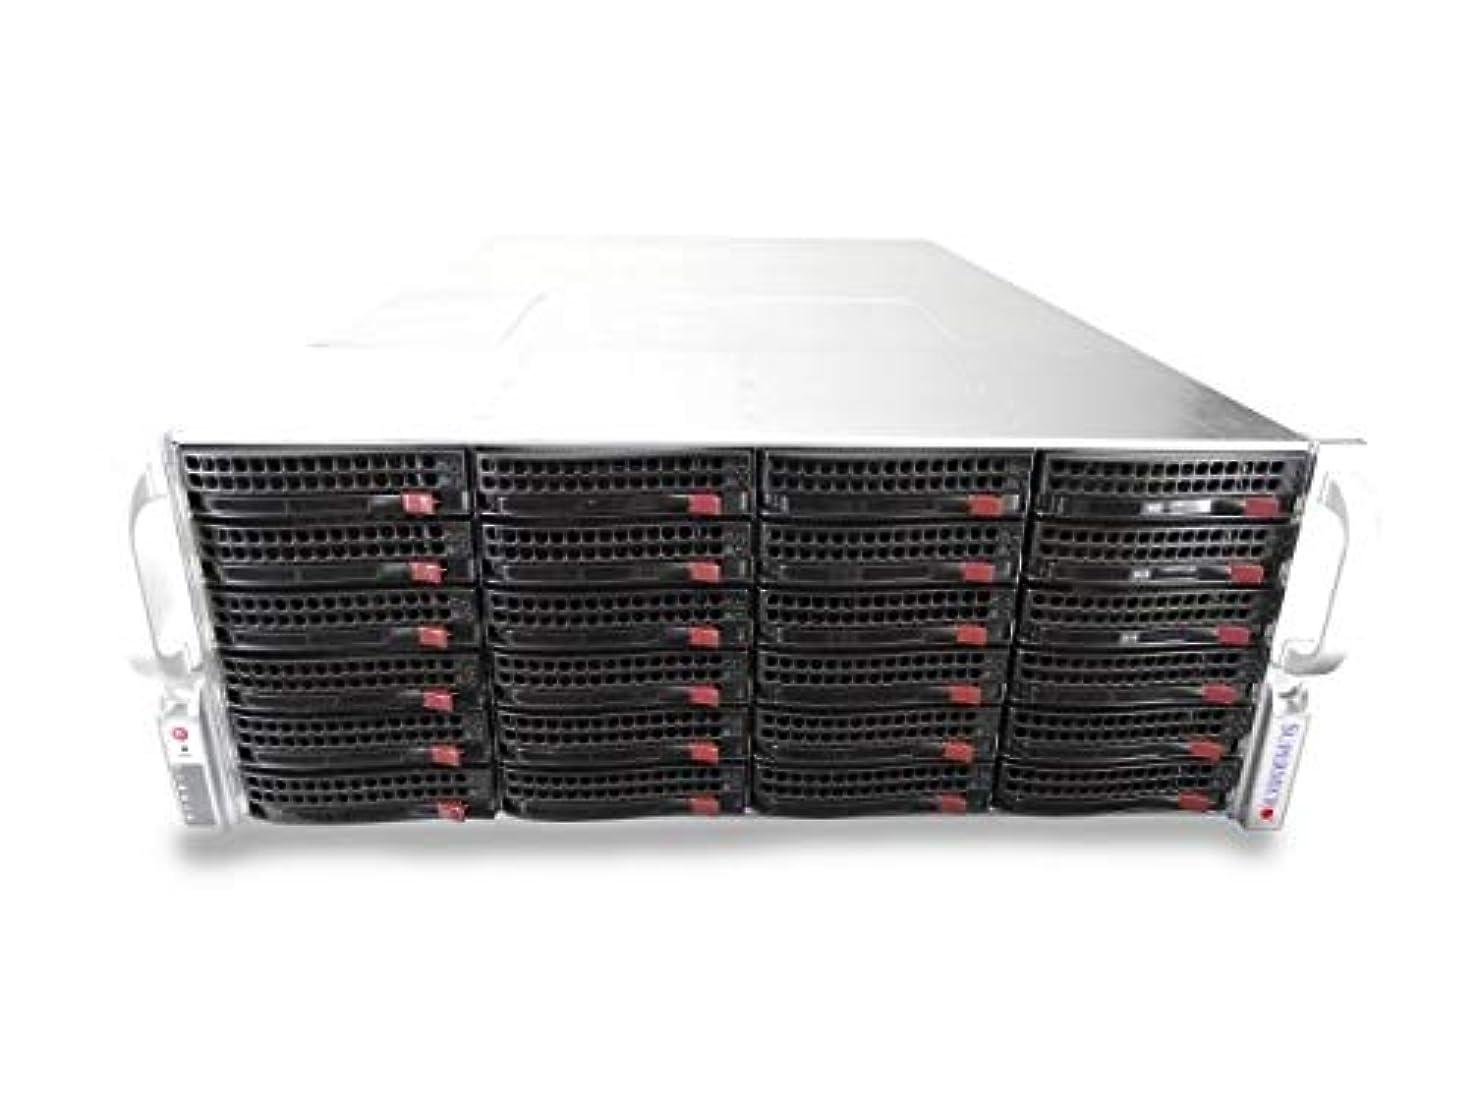 発言する近々マーチャンダイジングSupermicro CSE-846 4U ラックマウントサーバー X9DRi-F 2xXeon E5-2667 2.9GHz 6 コア 256GB DDR3, LSI 9266-8i 24x 480GB SATA 6Gbps 2.5 SSDs 1200W PSU、レール付属 (認定整備済み)